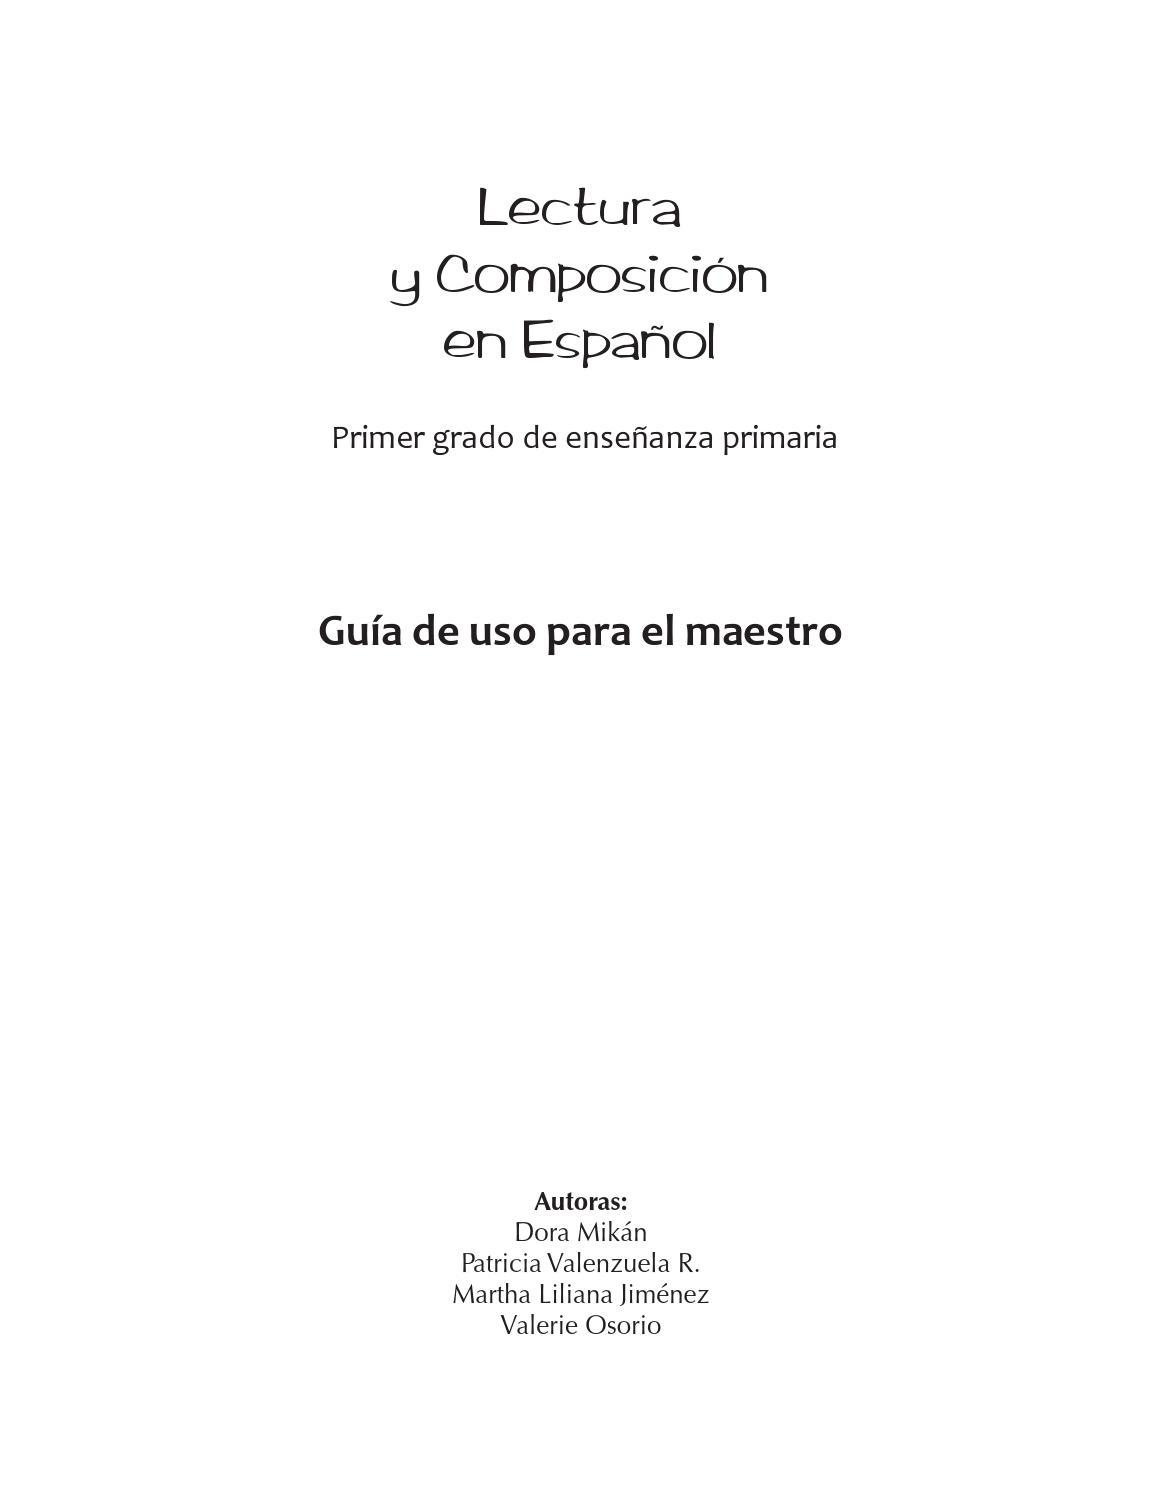 Nogales 1 fusionado by santa bernar dita - issuu